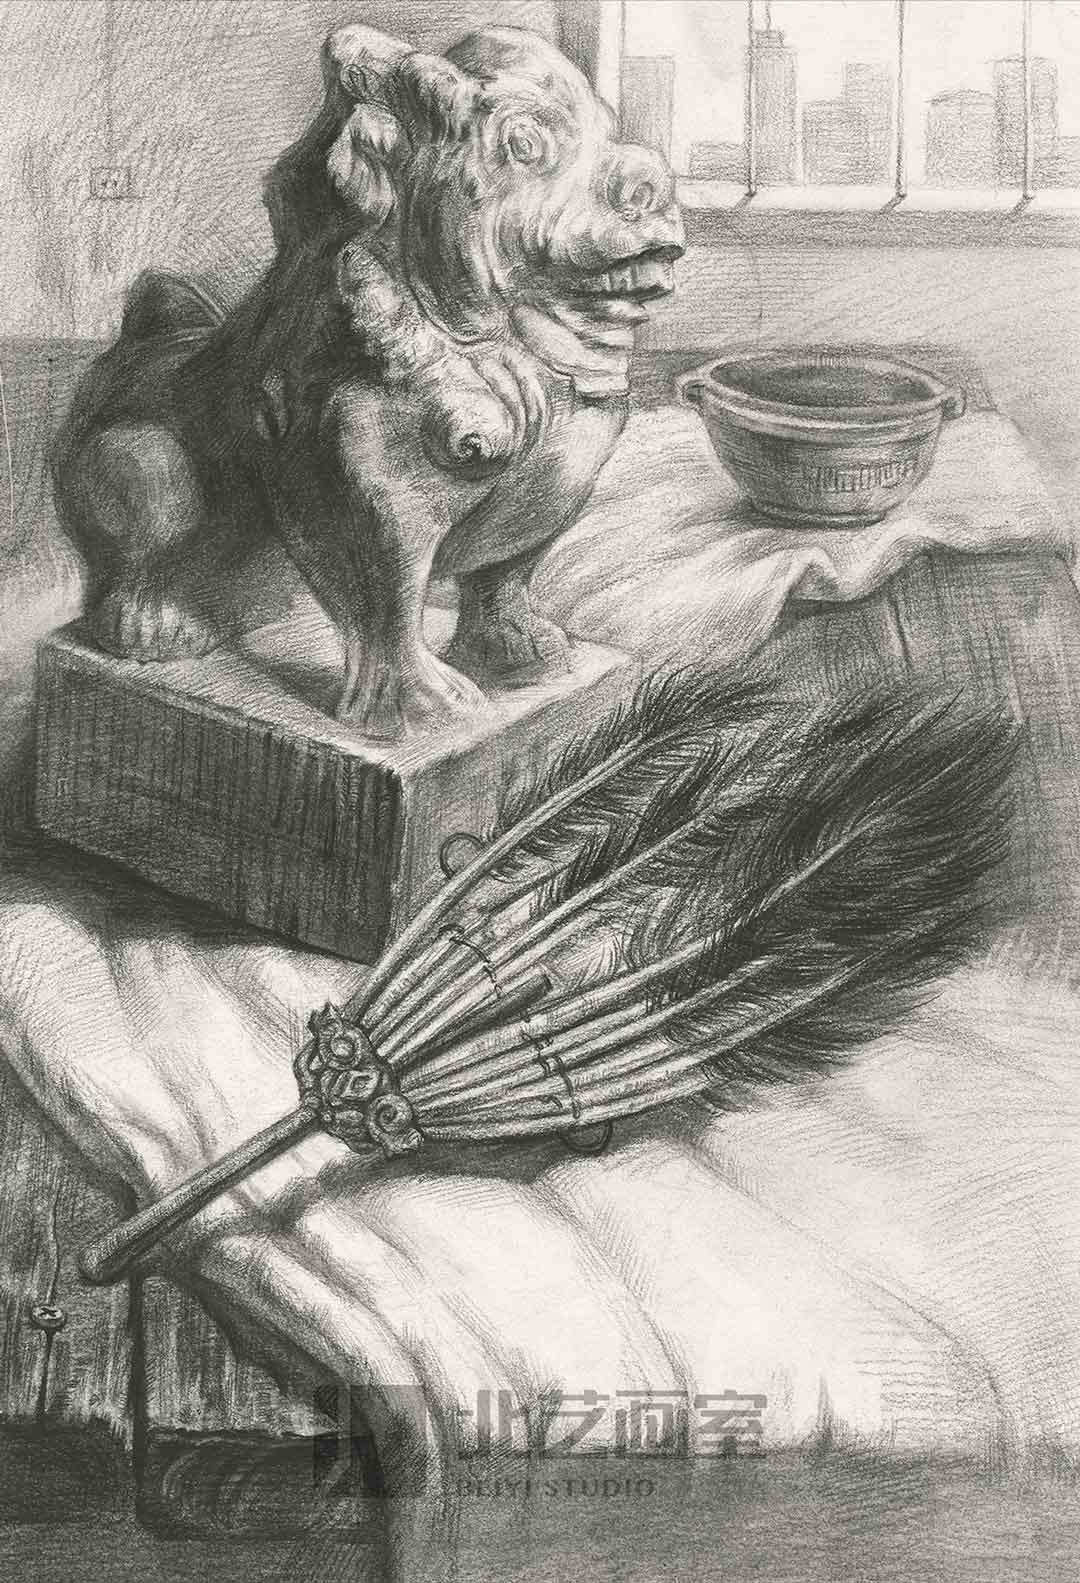 描静物组合作品赏析——石狮子、羽扇